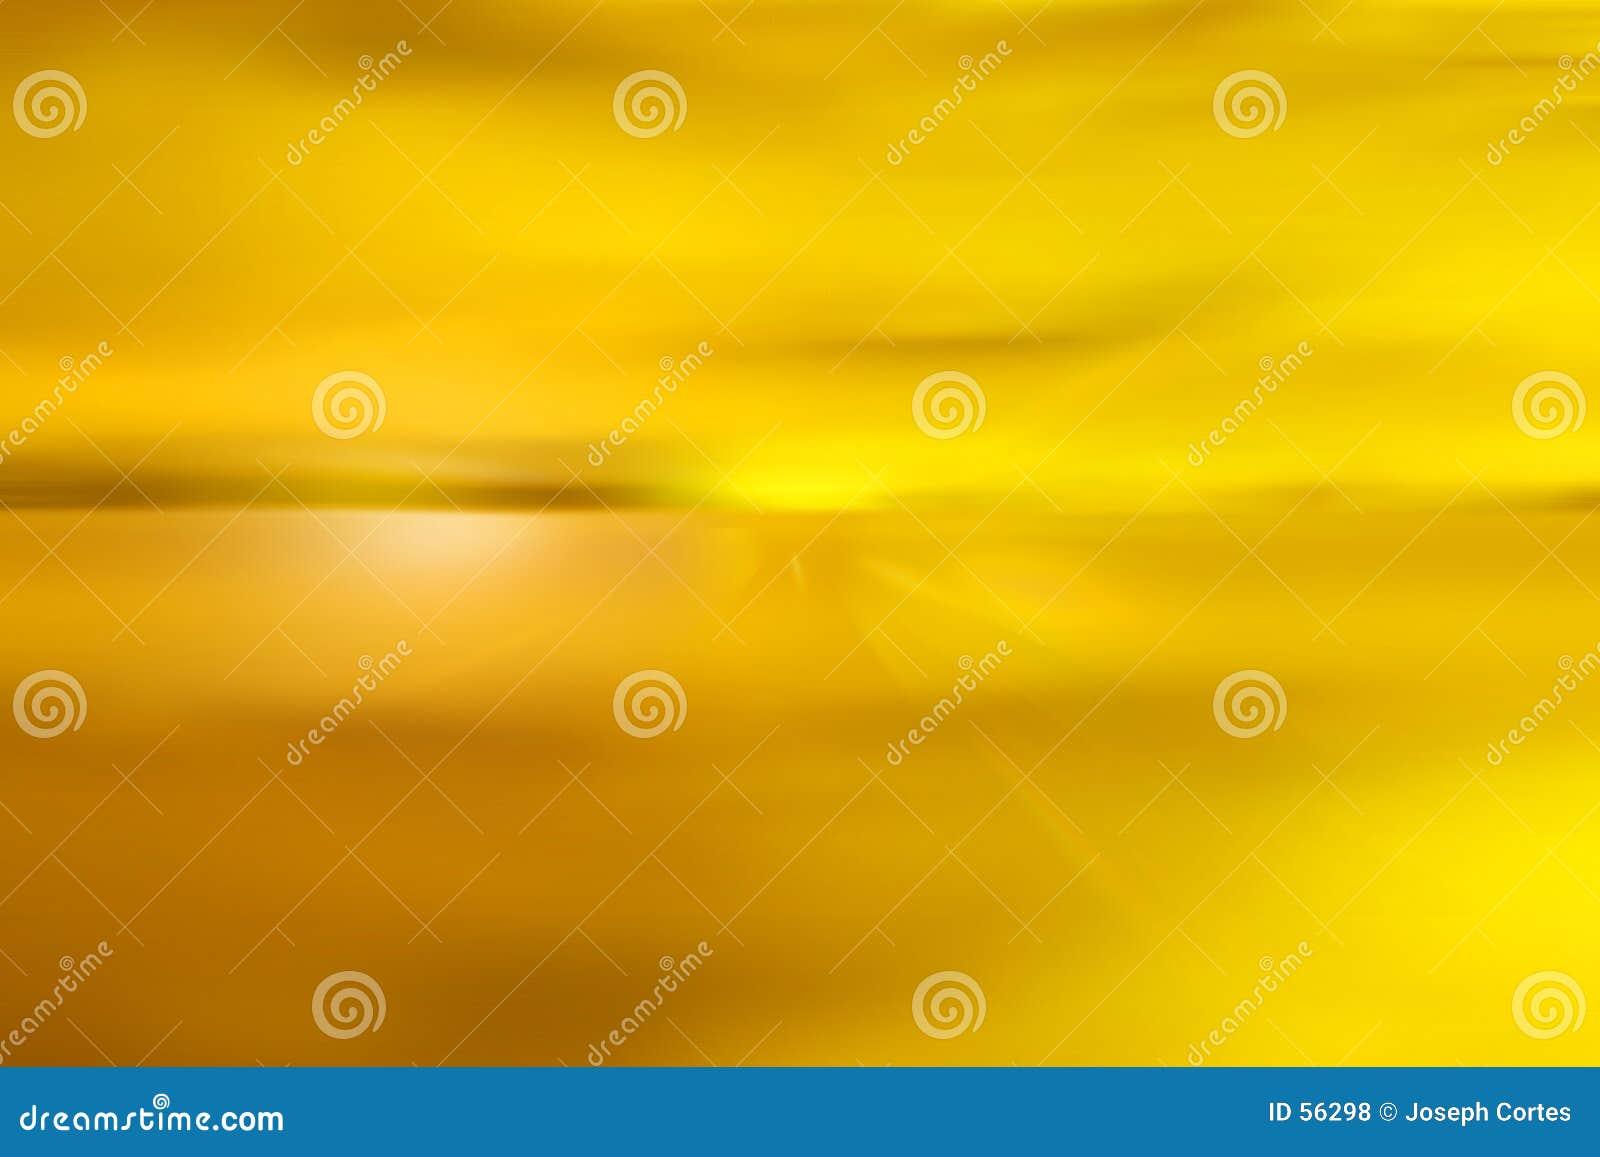 Cielo amarillo abstracto